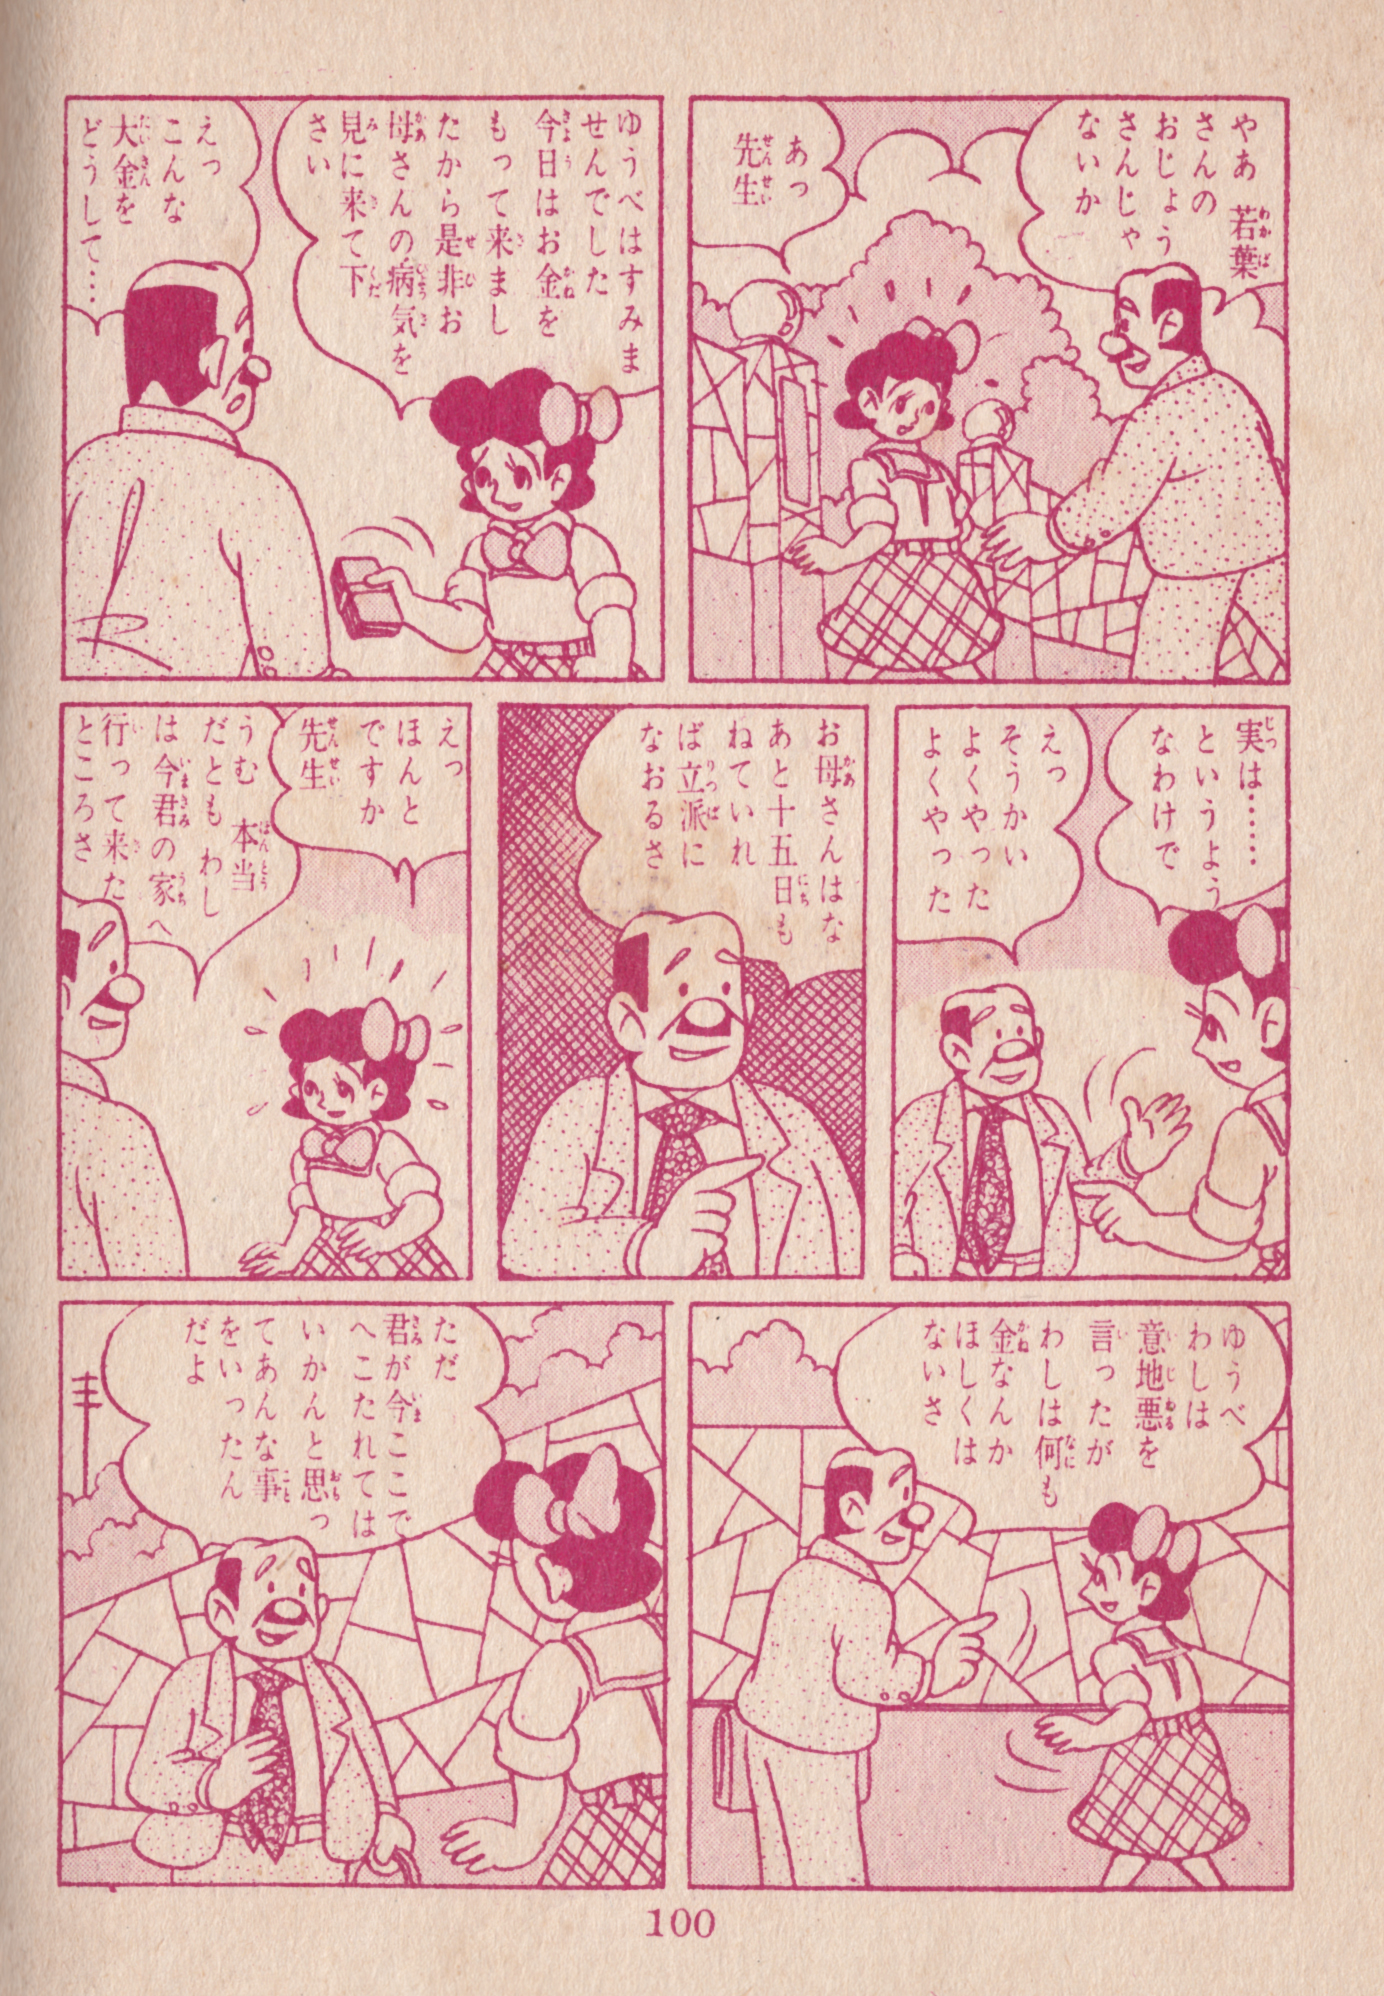 Masai Akiyoshi - Hoshizora ni uta e ba - 100